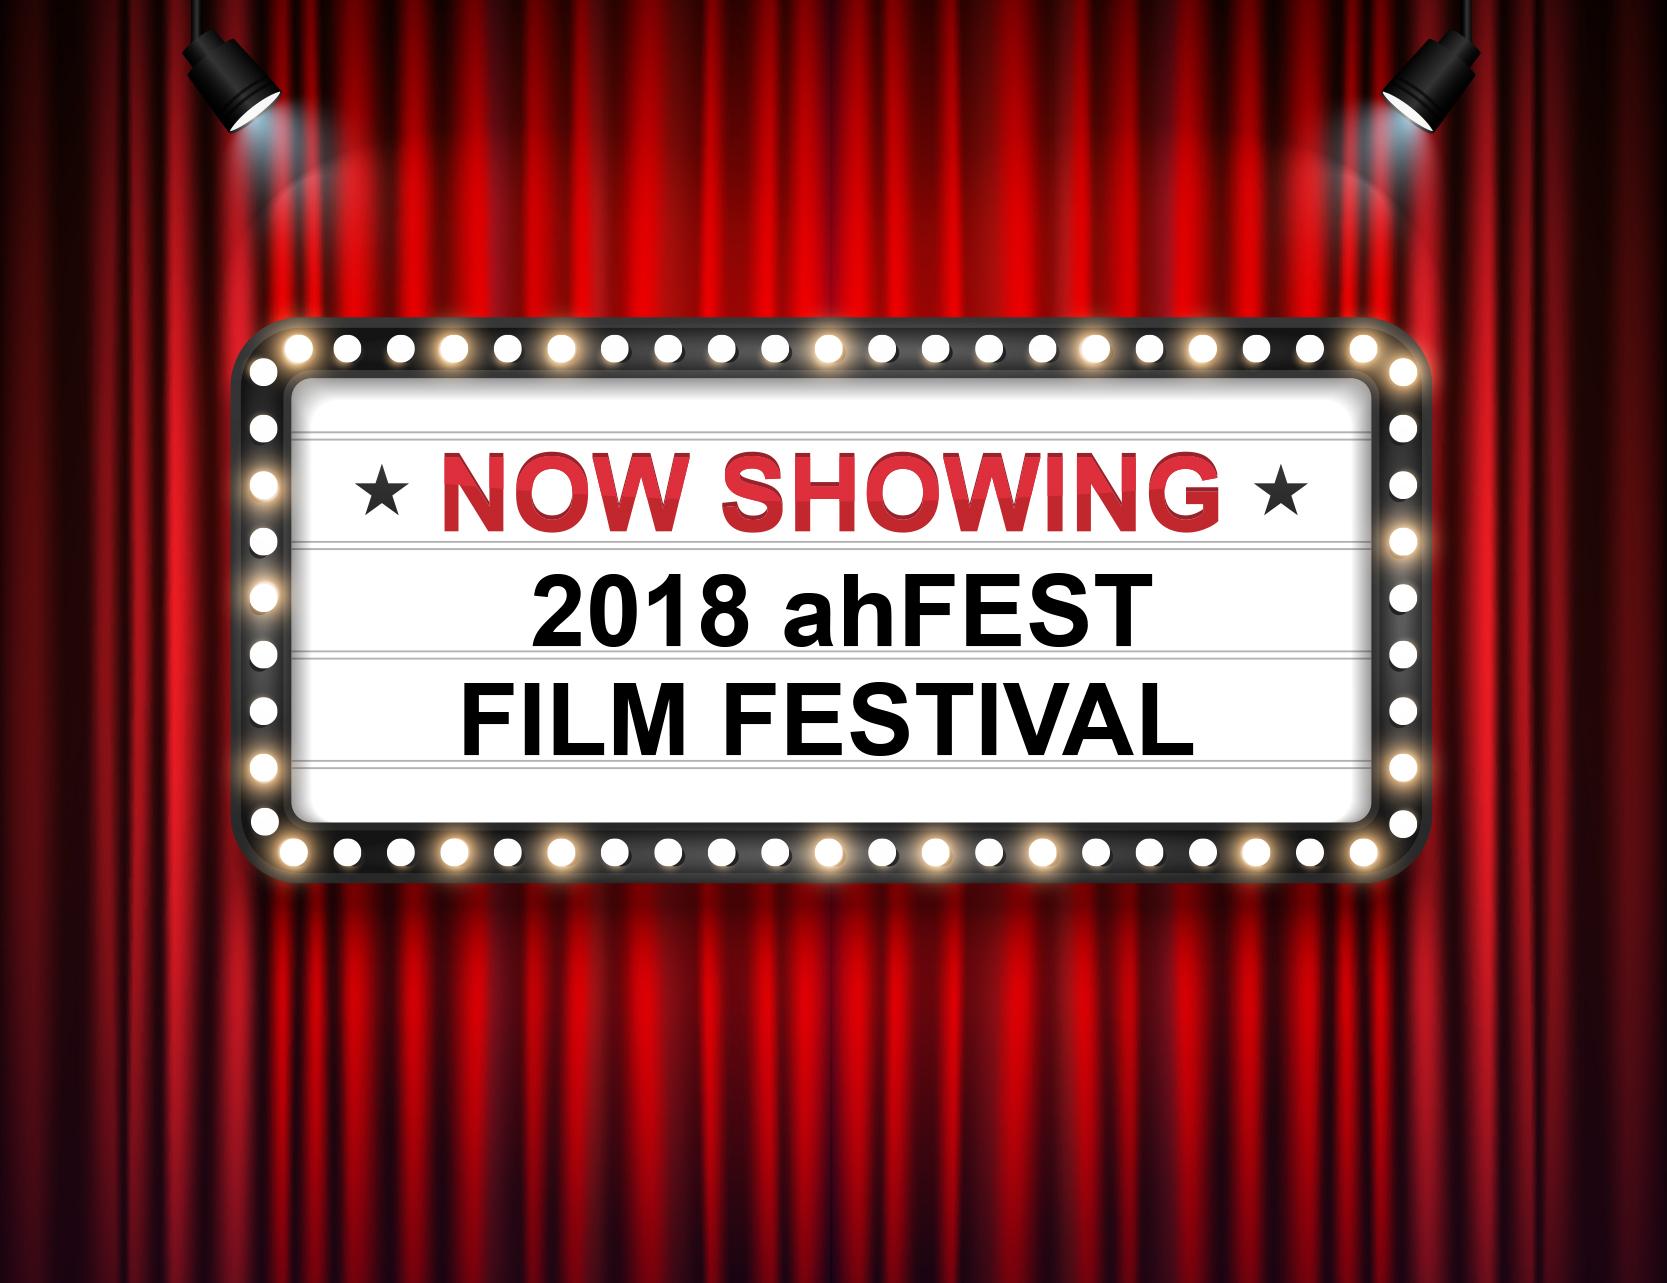 2018 ahfest 2018 film festival